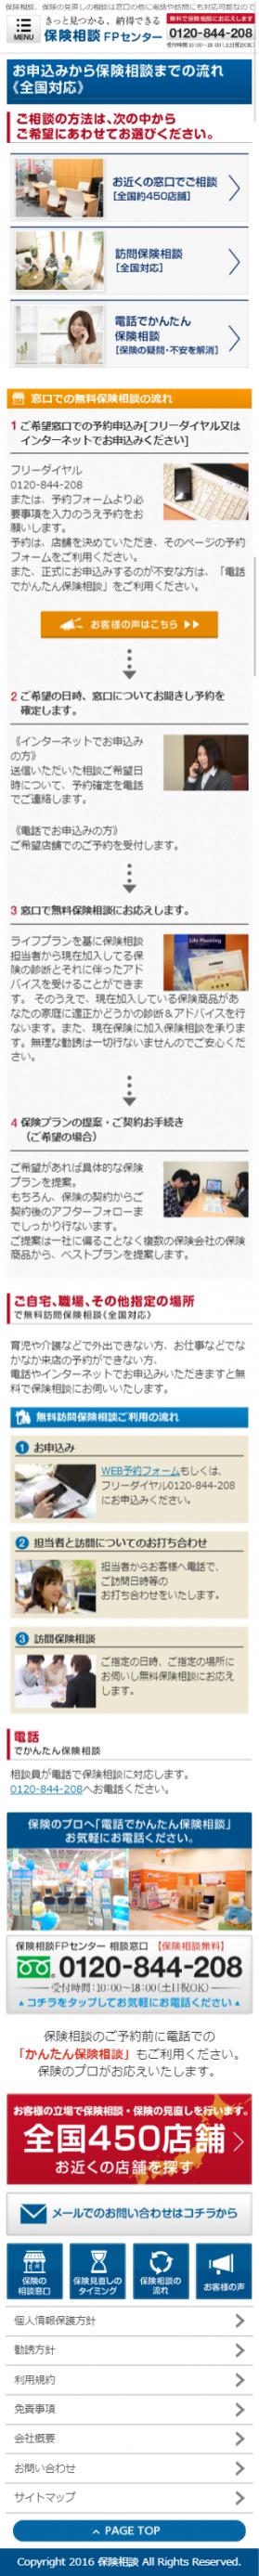 保険相談FPセンター